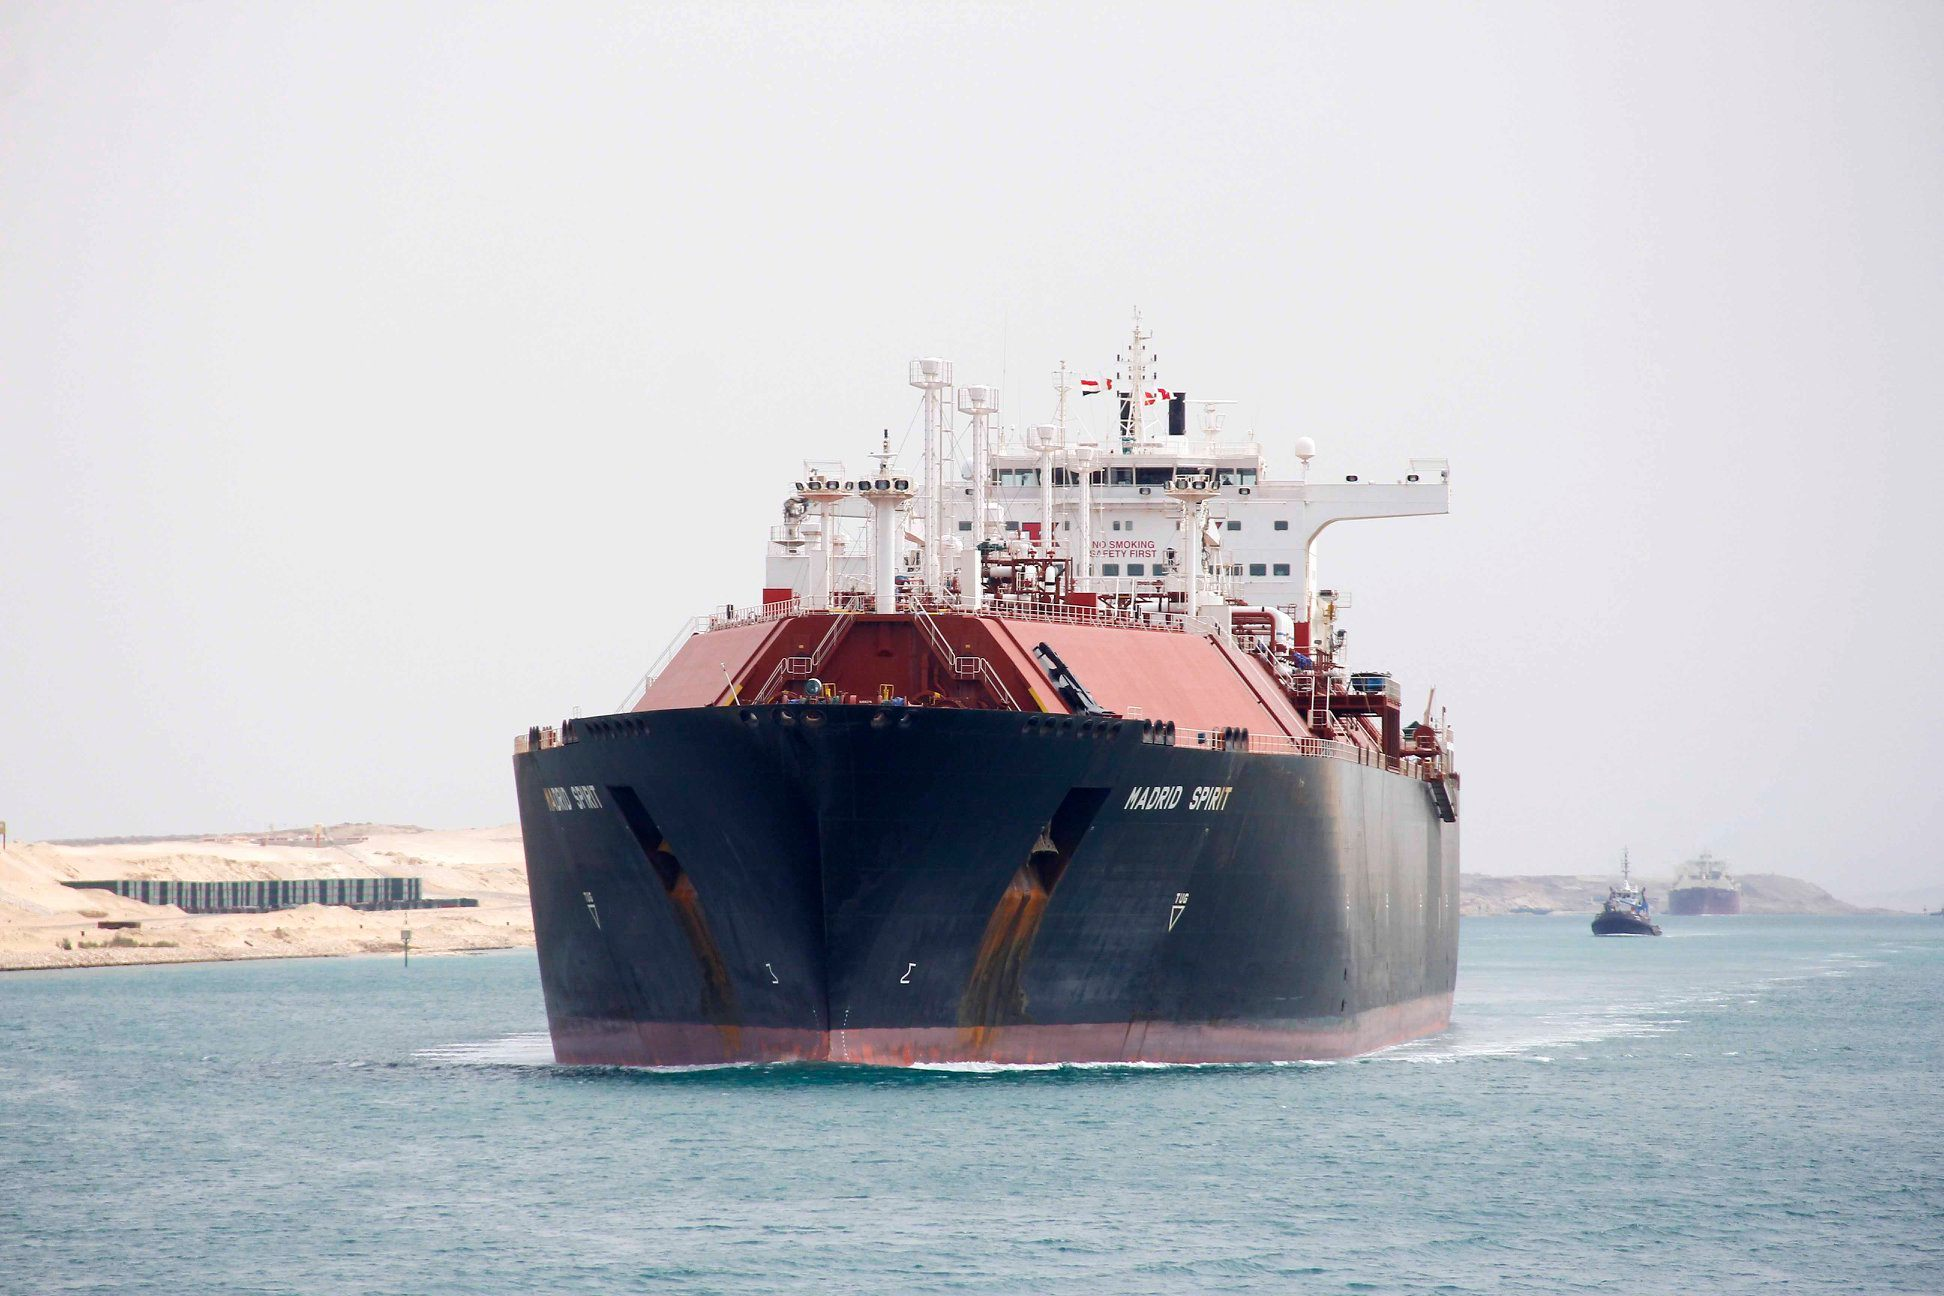 44 سفينة تعبر قناة السويس بحمولات بلغت 3 ملايين و400 ألف طن